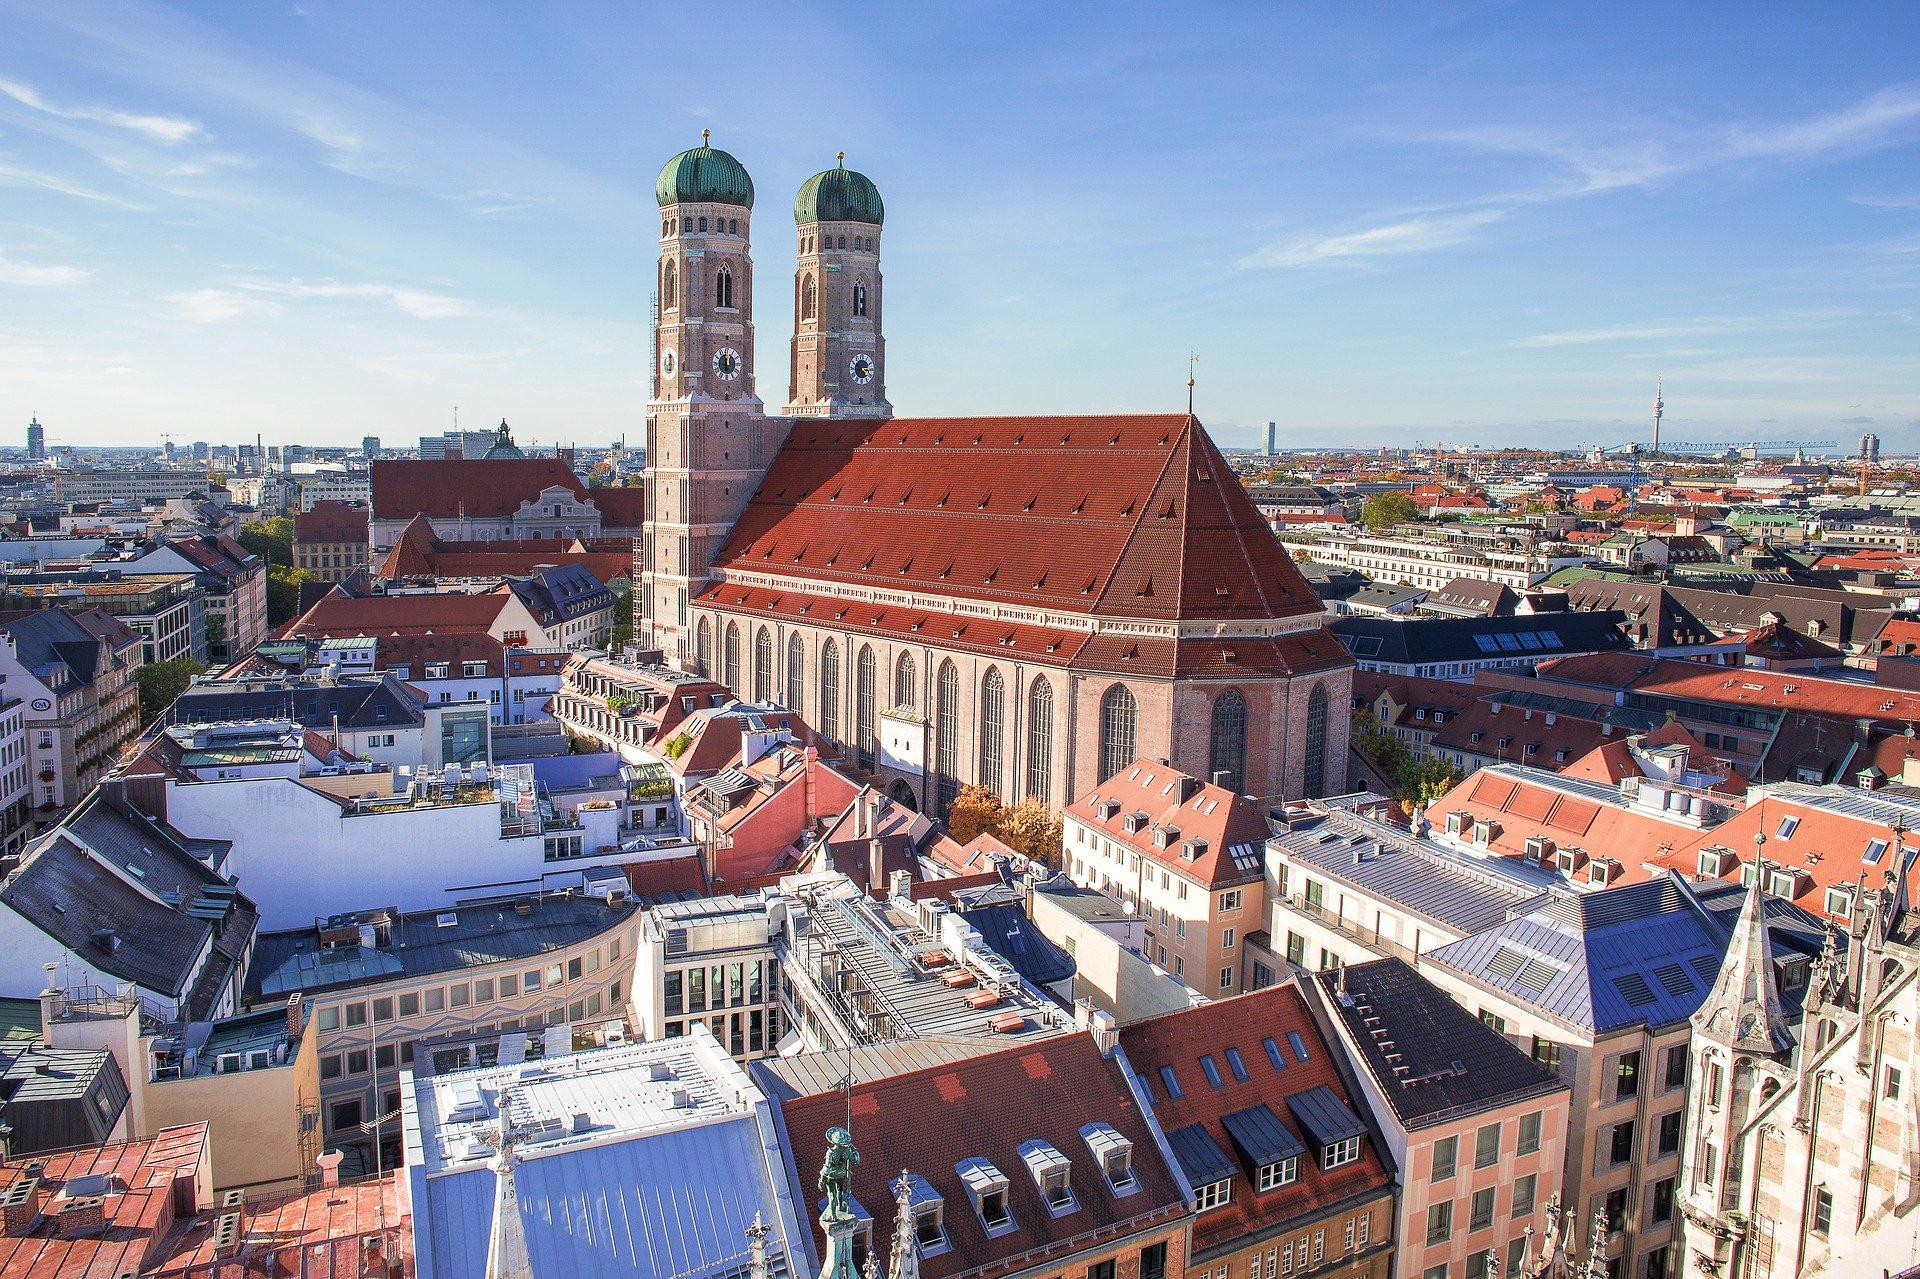 Les rues les plus chères d'Allemagne : luxe, meilleur emplacement et adresses - Top 40+1